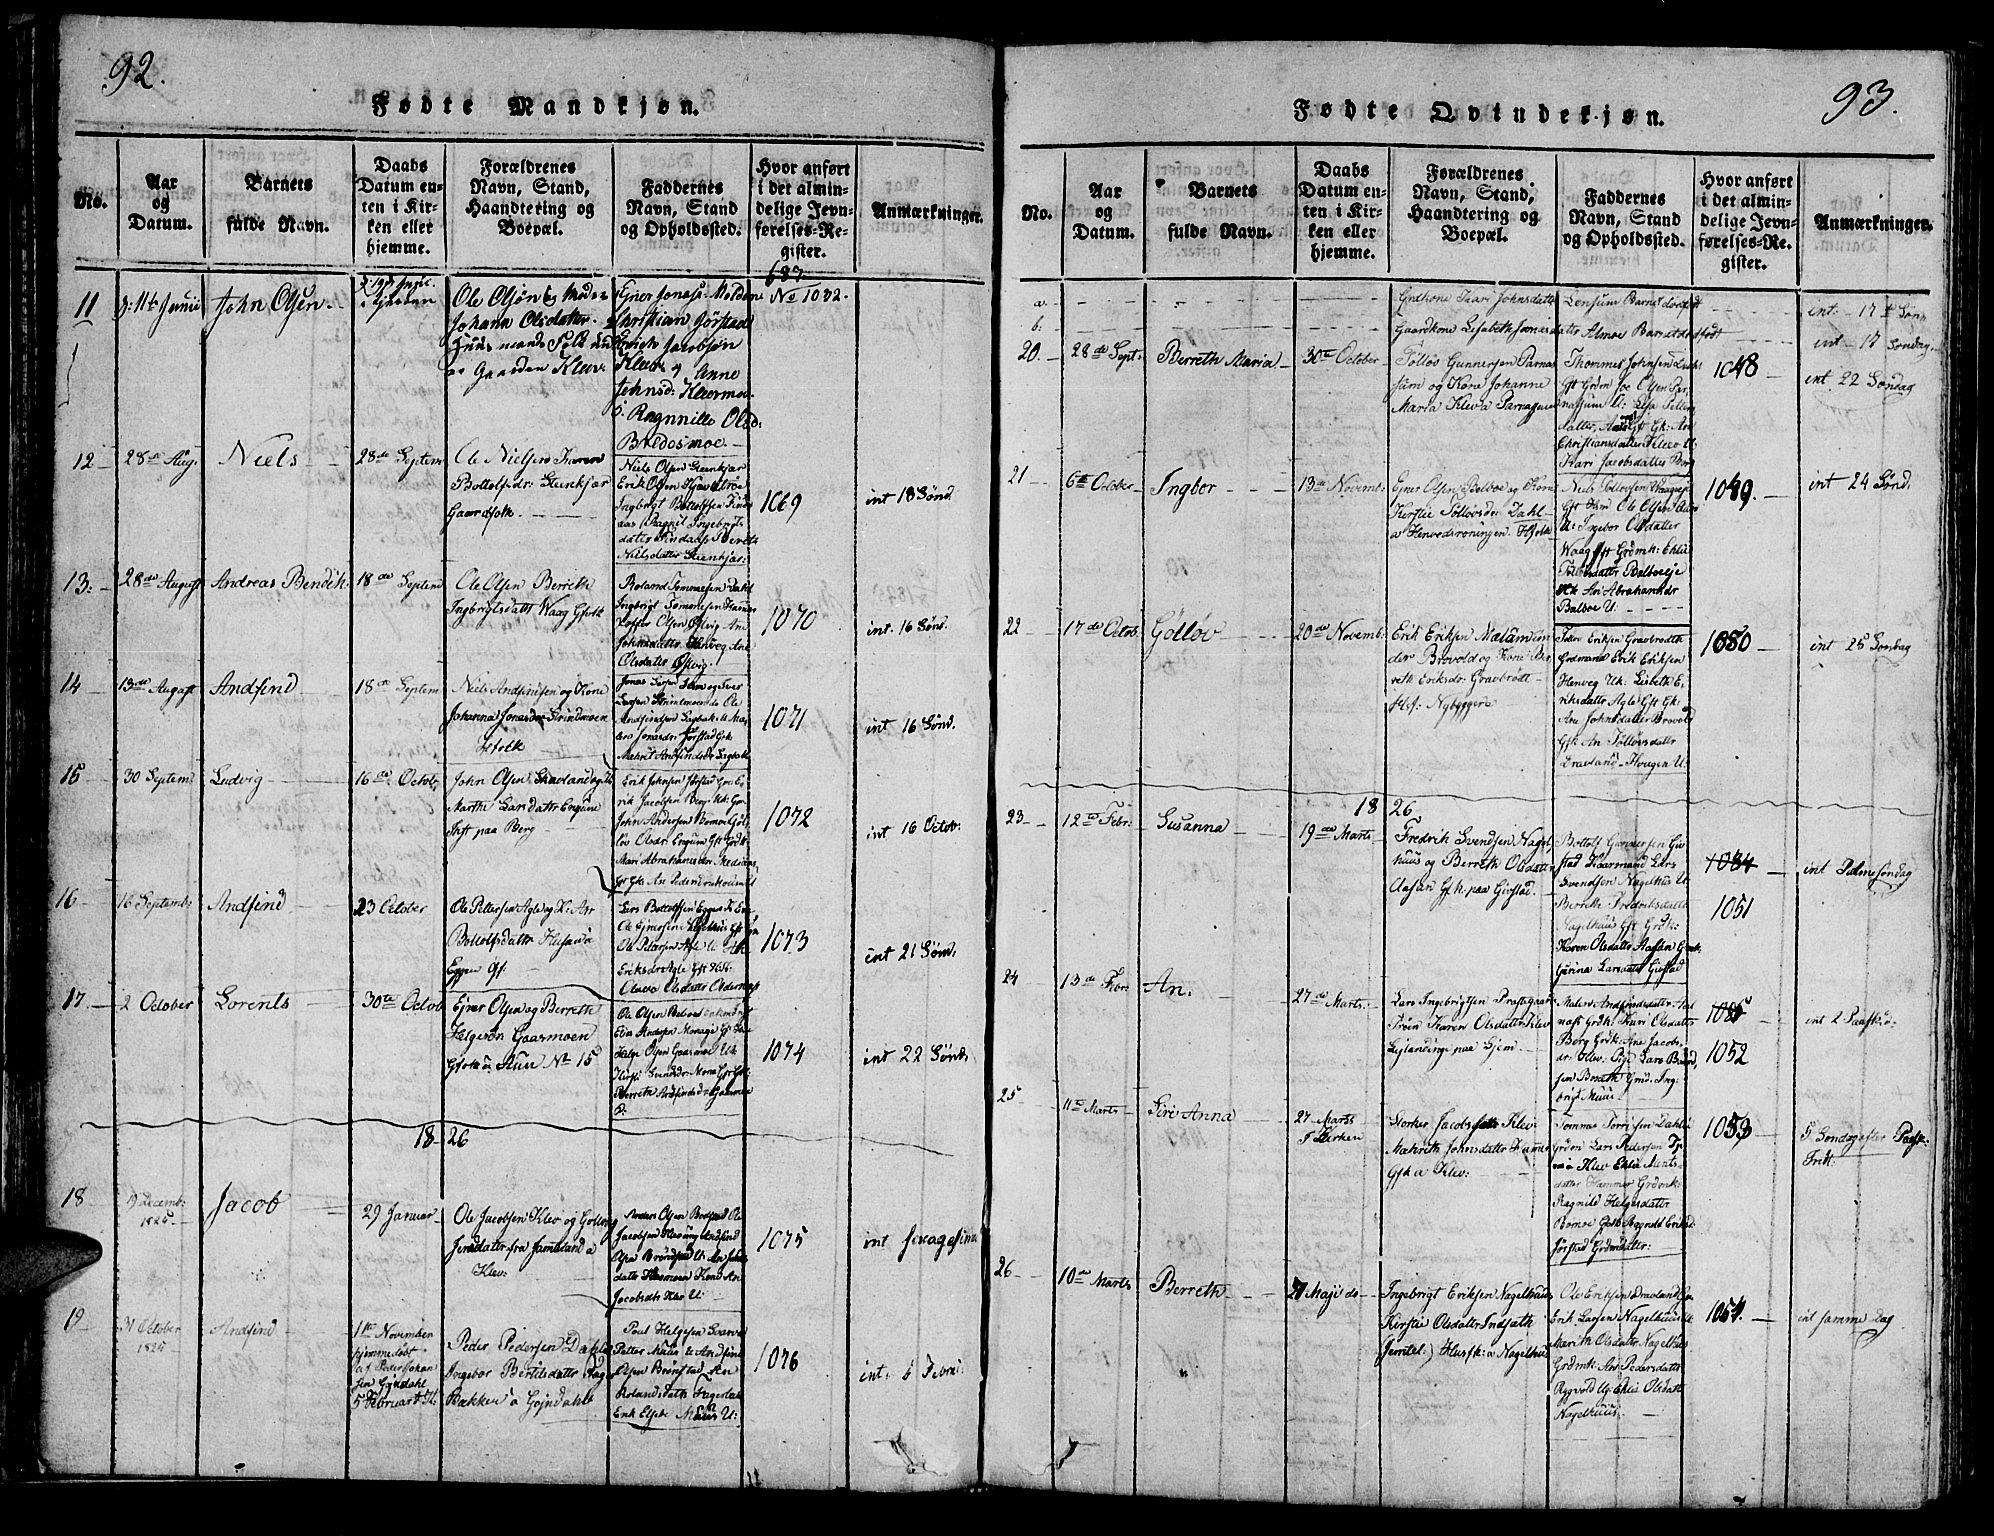 SAT, Ministerialprotokoller, klokkerbøker og fødselsregistre - Nord-Trøndelag, 749/L0479: Klokkerbok nr. 749C01, 1817-1829, s. 92-93